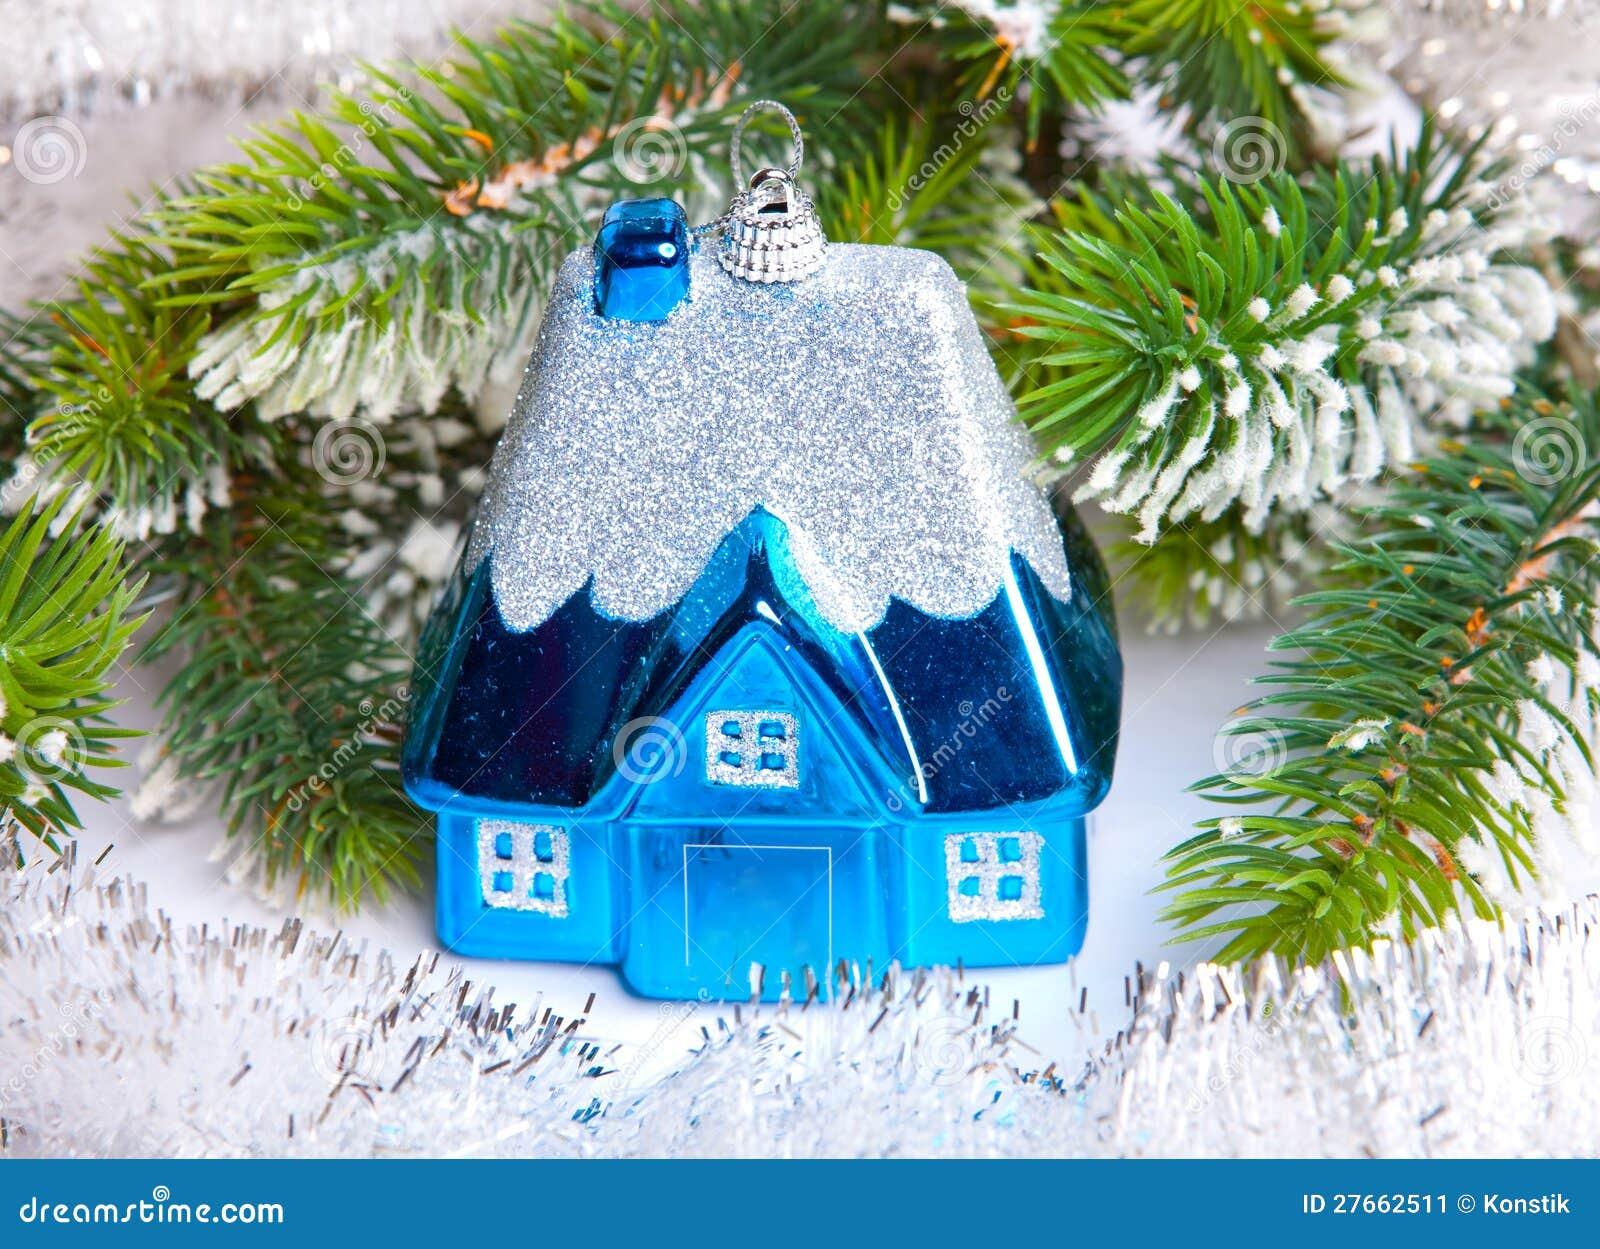 Дом игрушки - сновидение Новый Год собственной дома